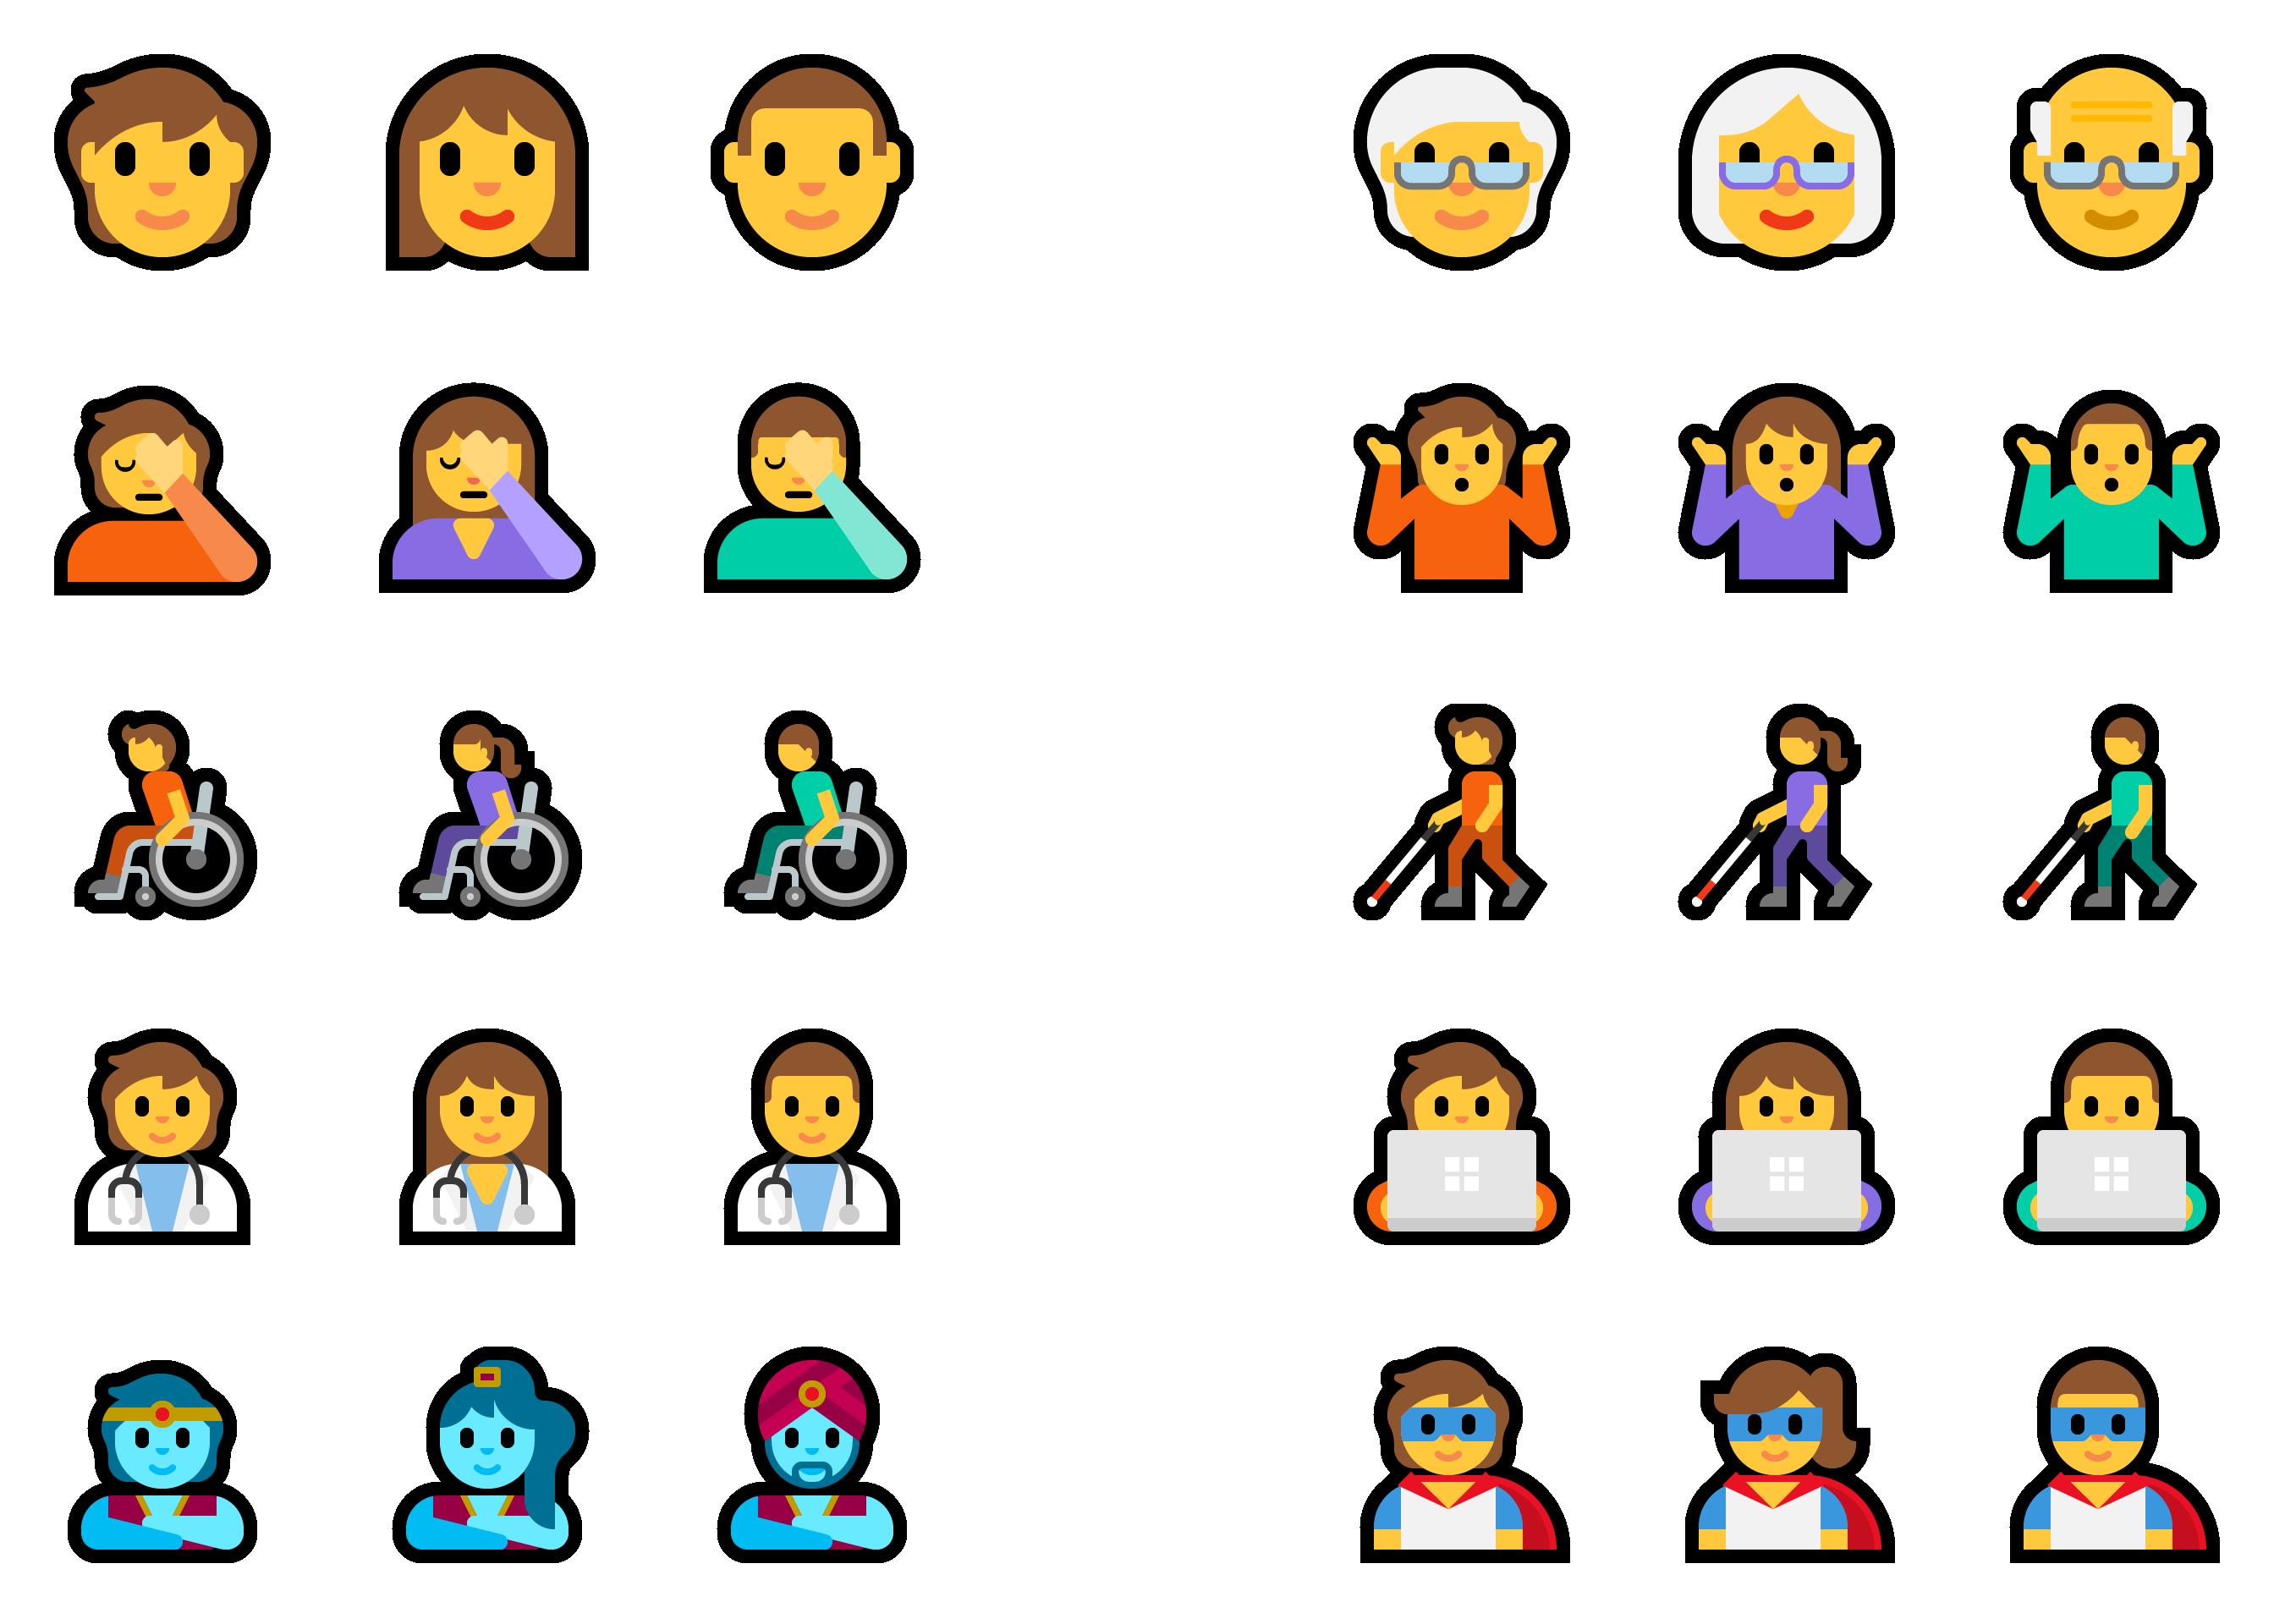 显示各种表情符号(精灵,超级英雄,耸耸肩等)的3个版本(男性,女性和不分性别)。